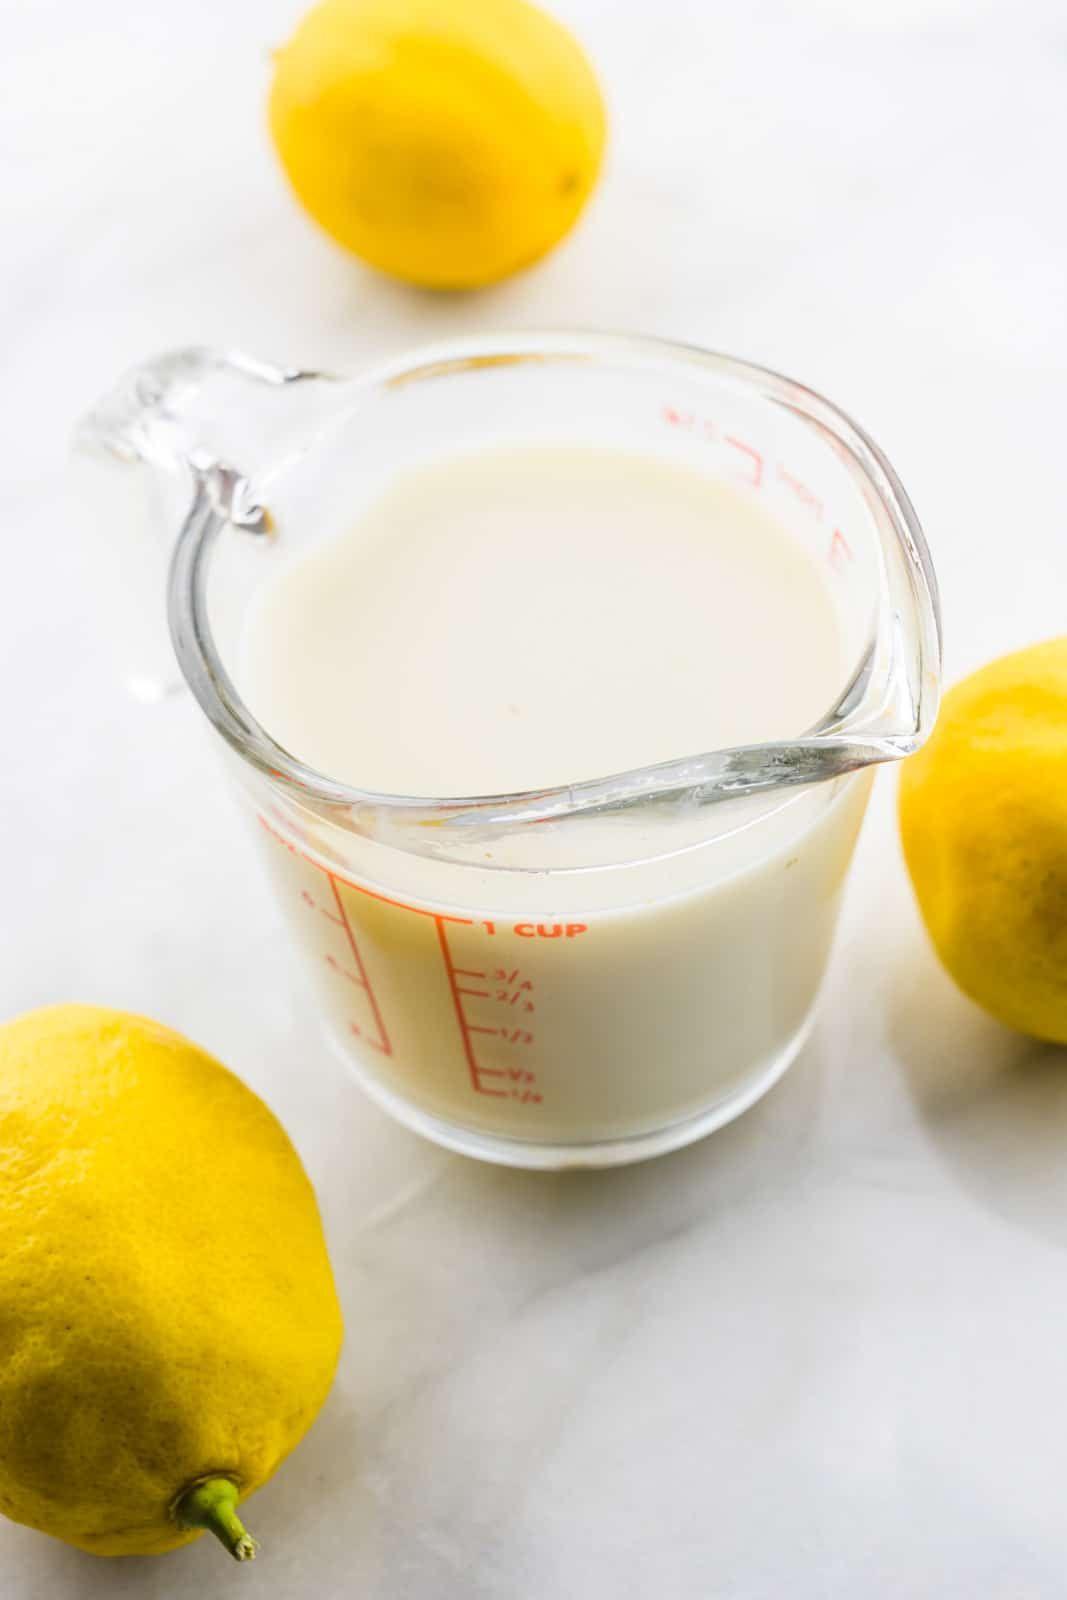 Vegan Buttermilk In 2020 Buttermilk Recipes Vegan Baking Homemade Buttermilk